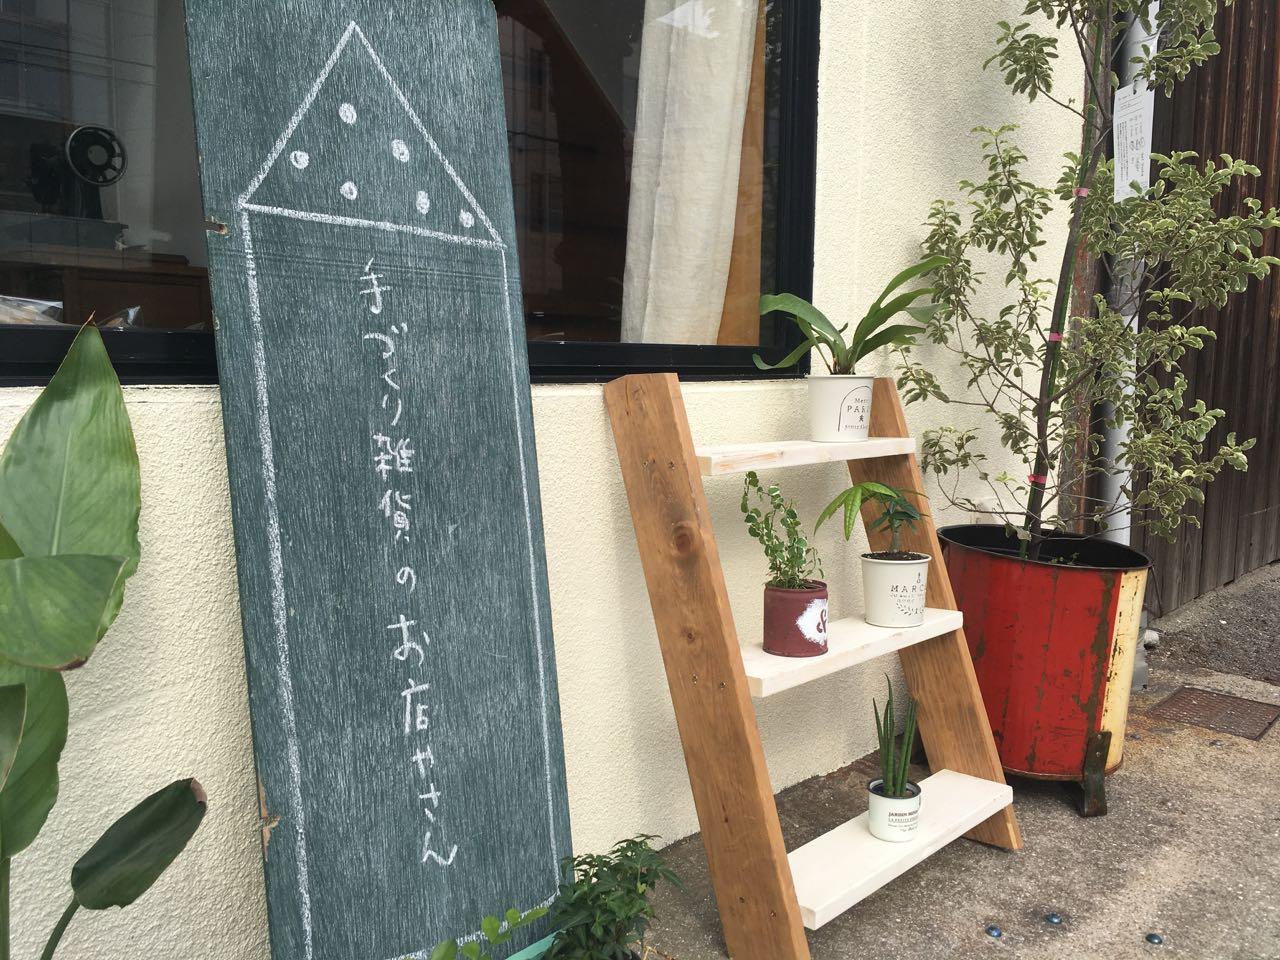 みとん今治,雑貨,nuno,ヌーノ,松本町,移転オープン